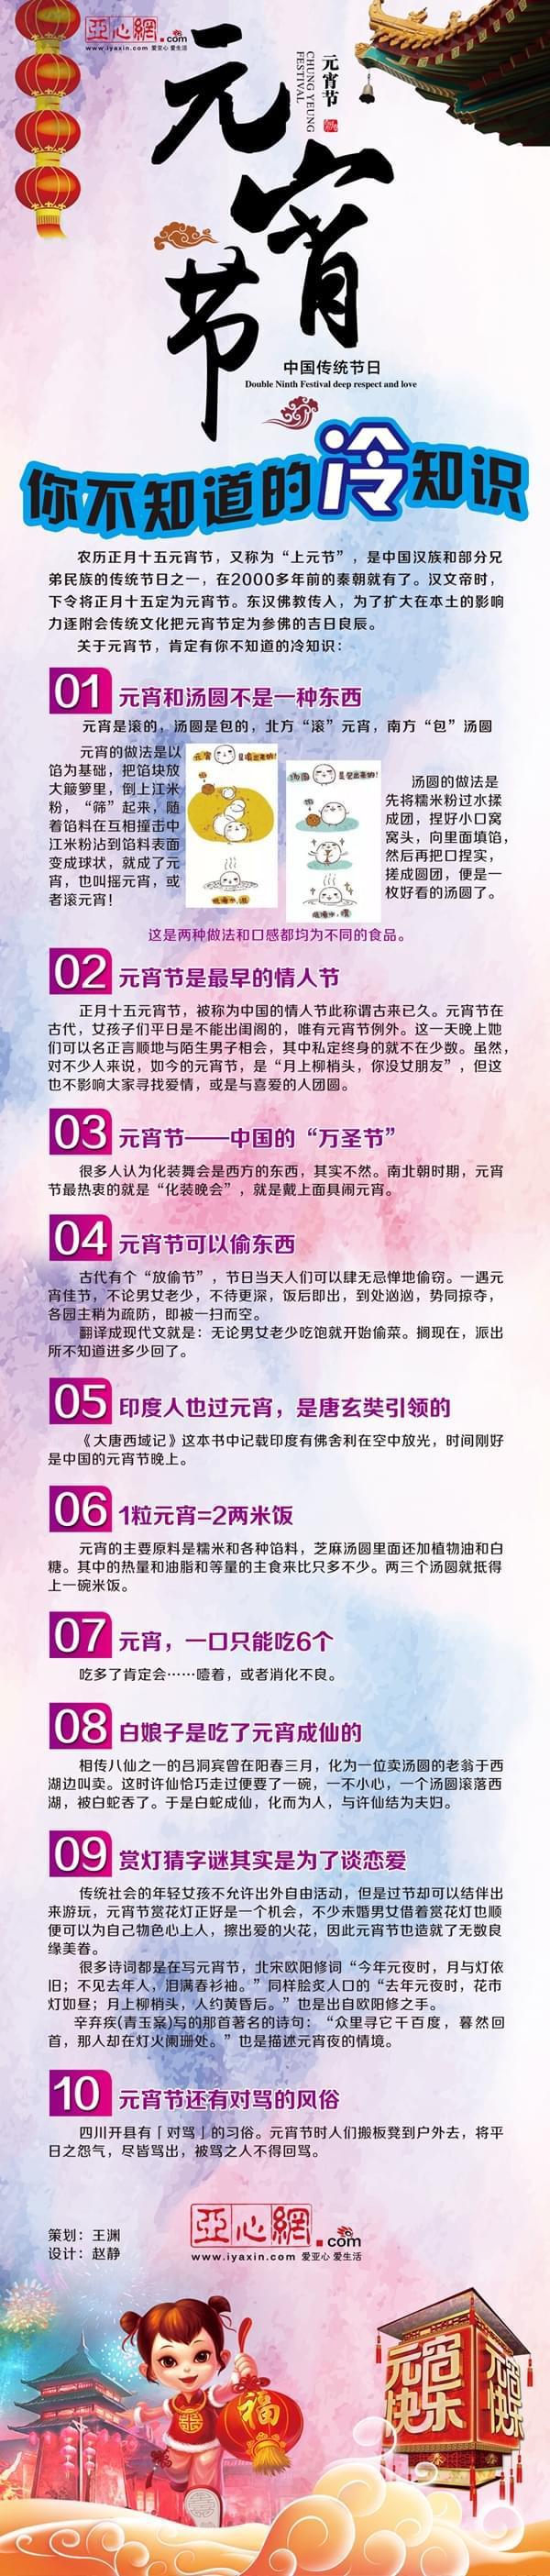 中国传统节日·元宵节:你不知道的冷知识